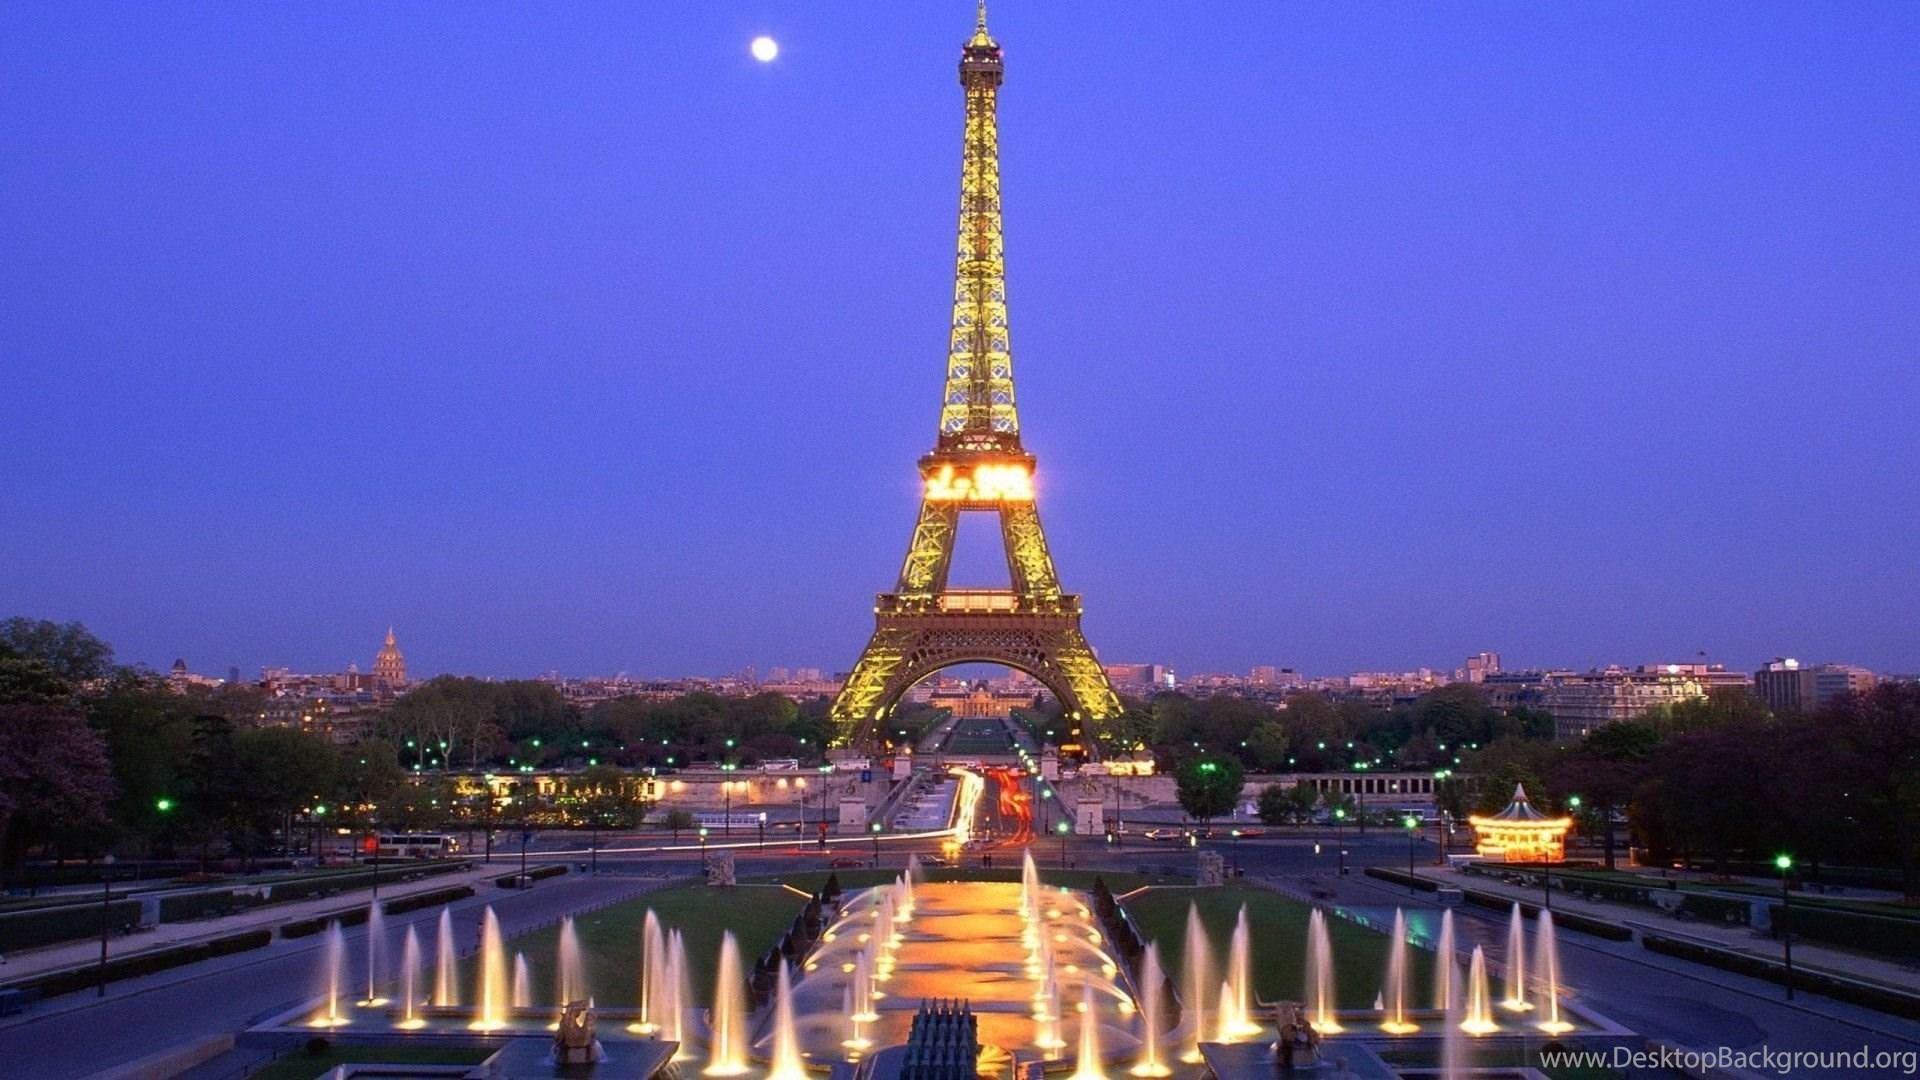 France Paris Wallpapers Hd Desktop Iphones Wallpapers Desktop Background